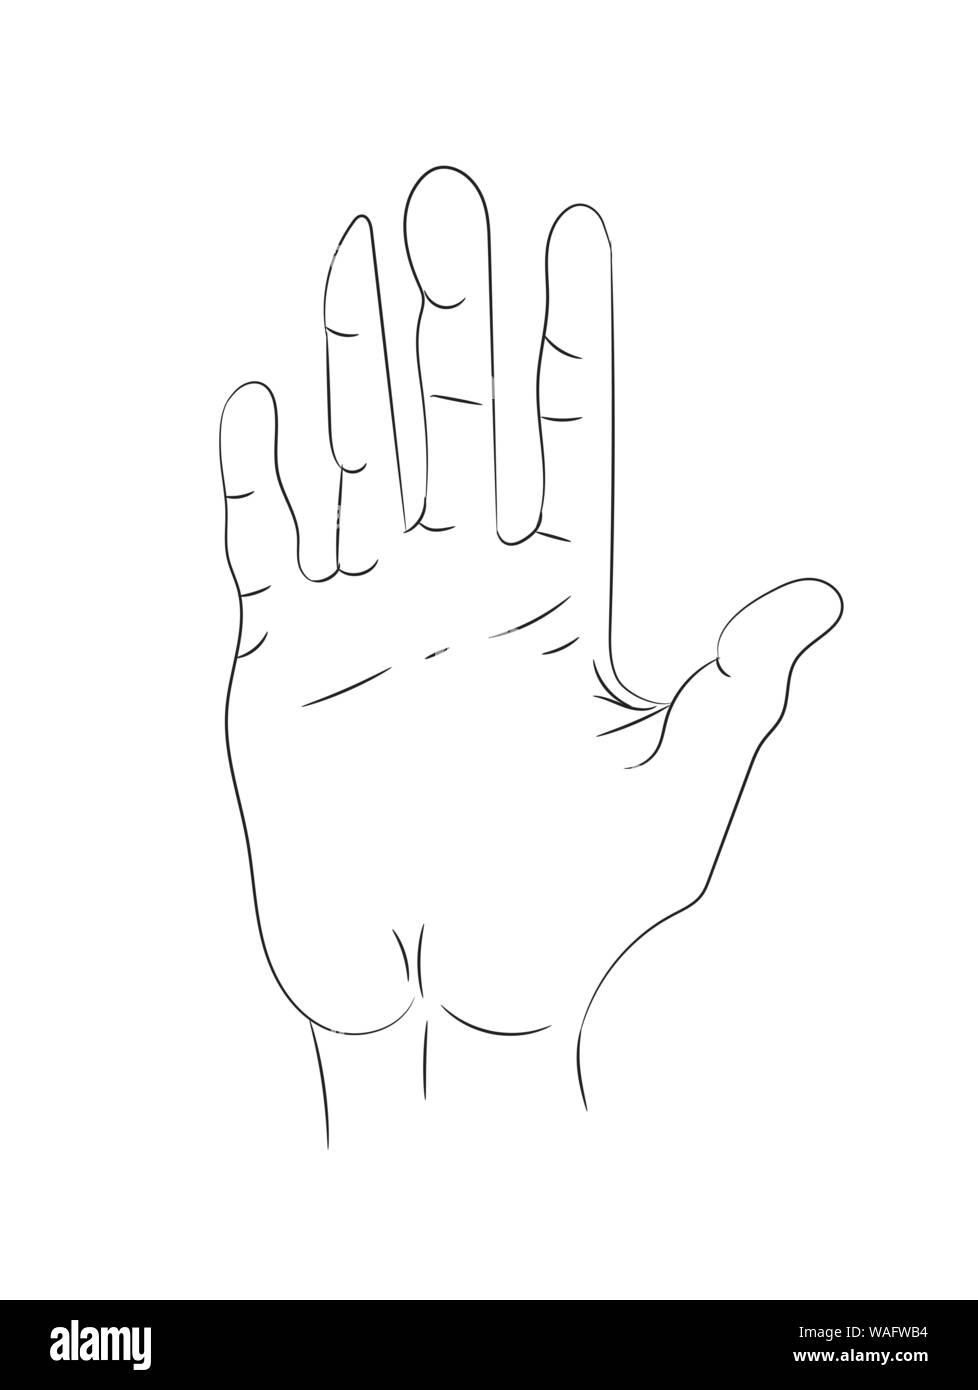 Hand gezogenen Linien auf weißem Hintergrund Stock Vektor